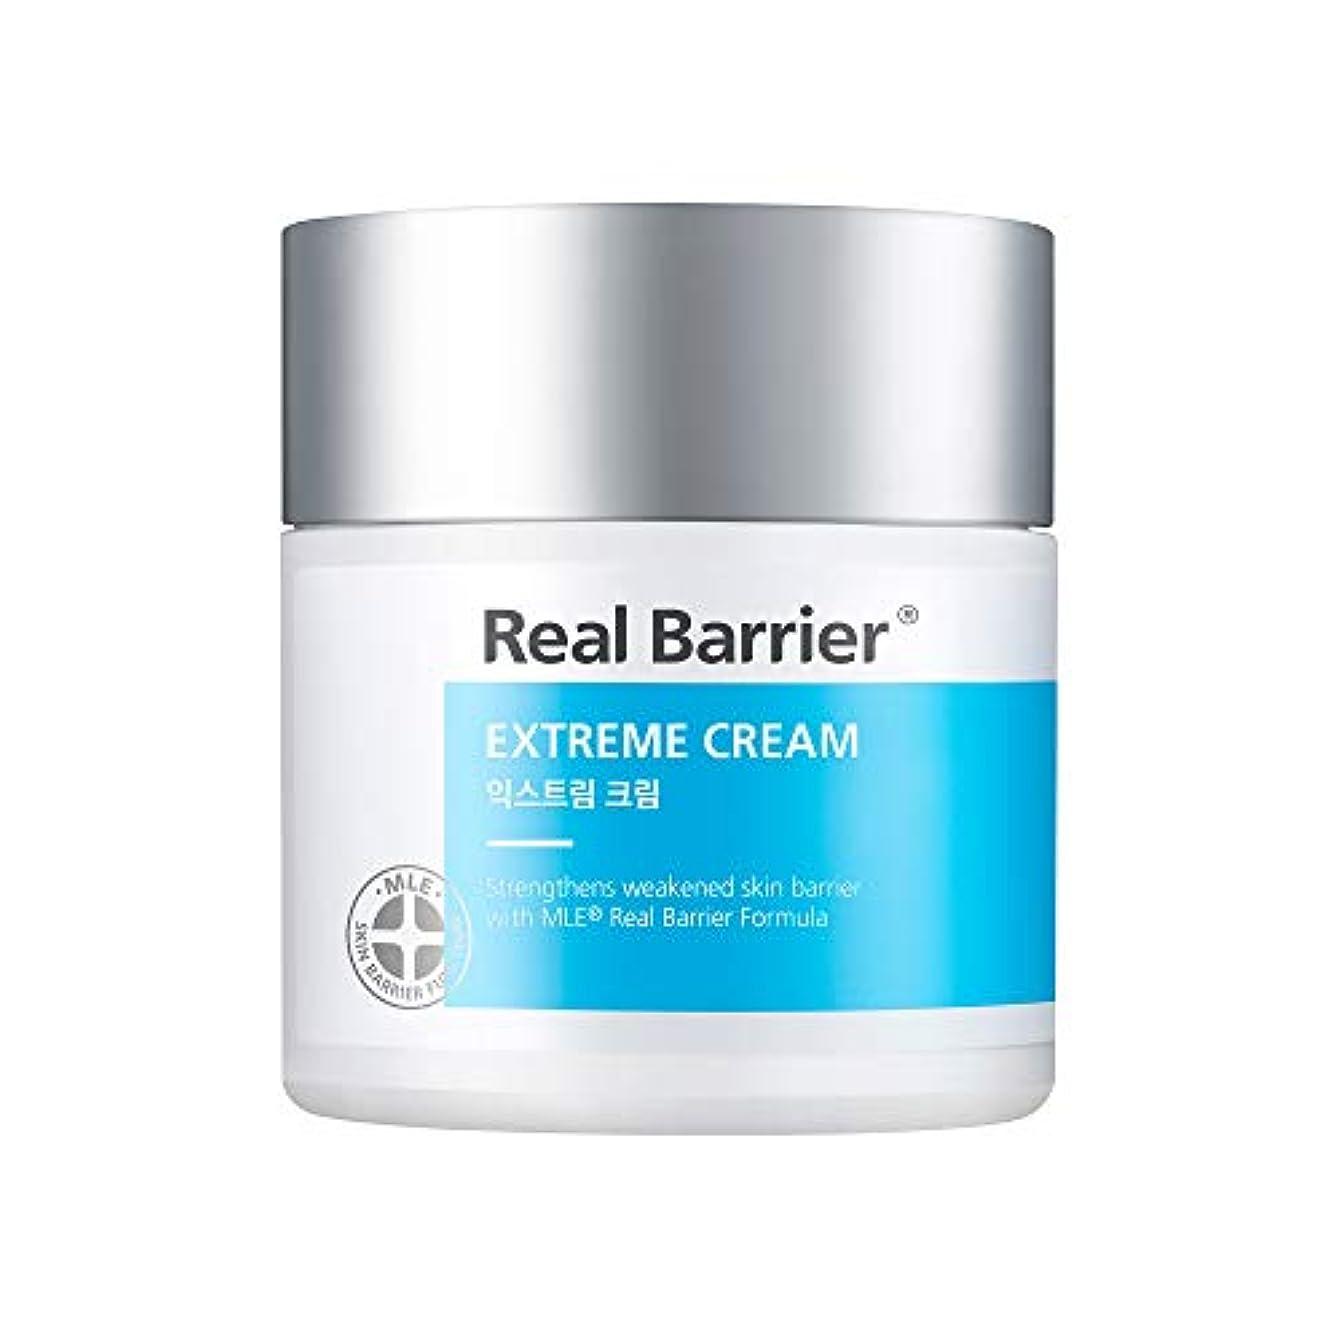 必要としている貼り直す秘書アトパーム(atopalm) リアルベリアエクストリームクリーム/Atopam Real Barrier Extreme Cream